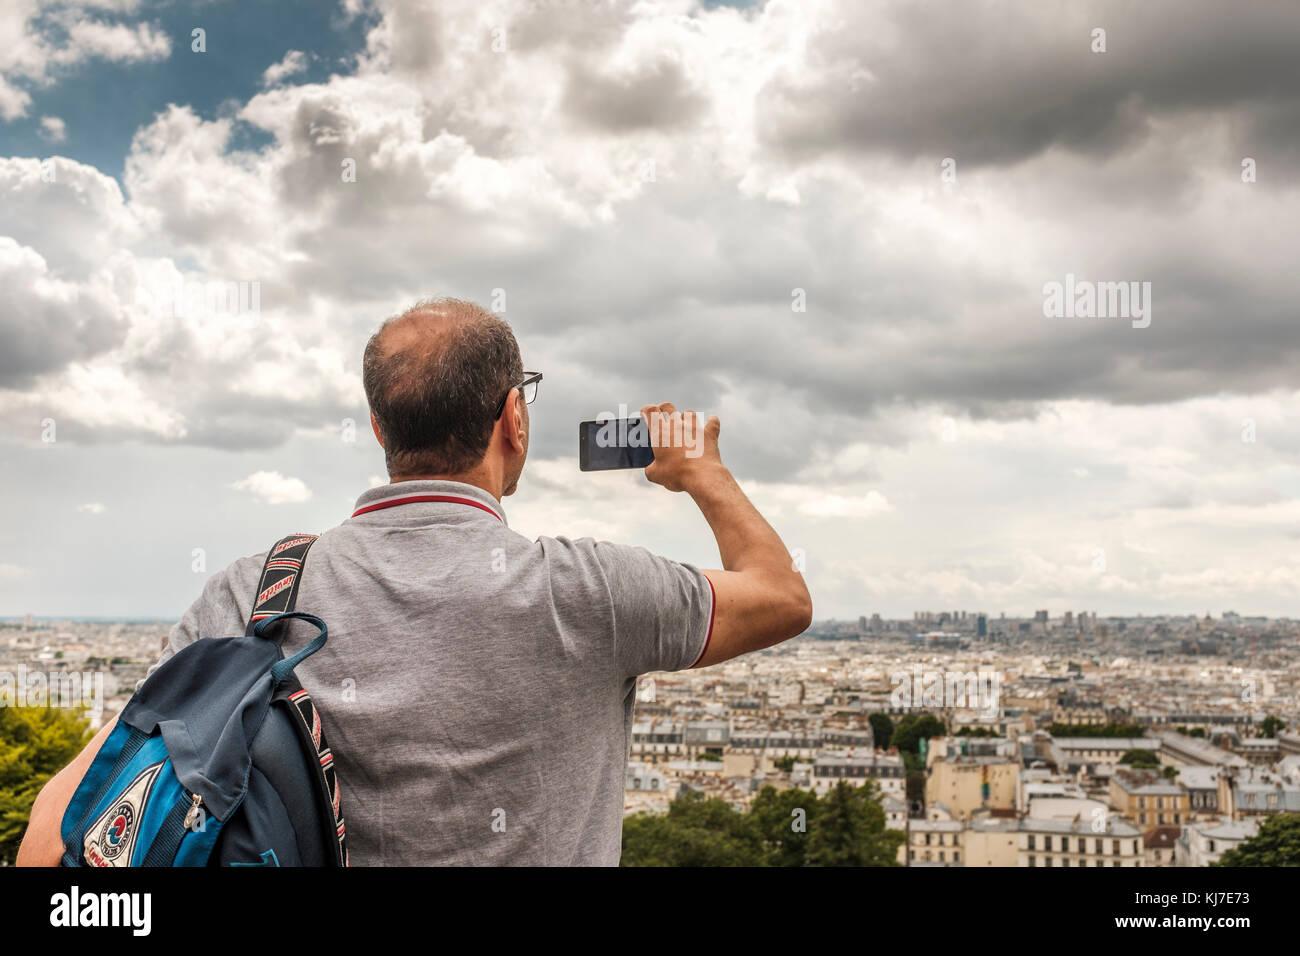 Sacré-Cœur, Paris-Tourist taking pictures from Montmartre,the highest point in Paris - Stock Image